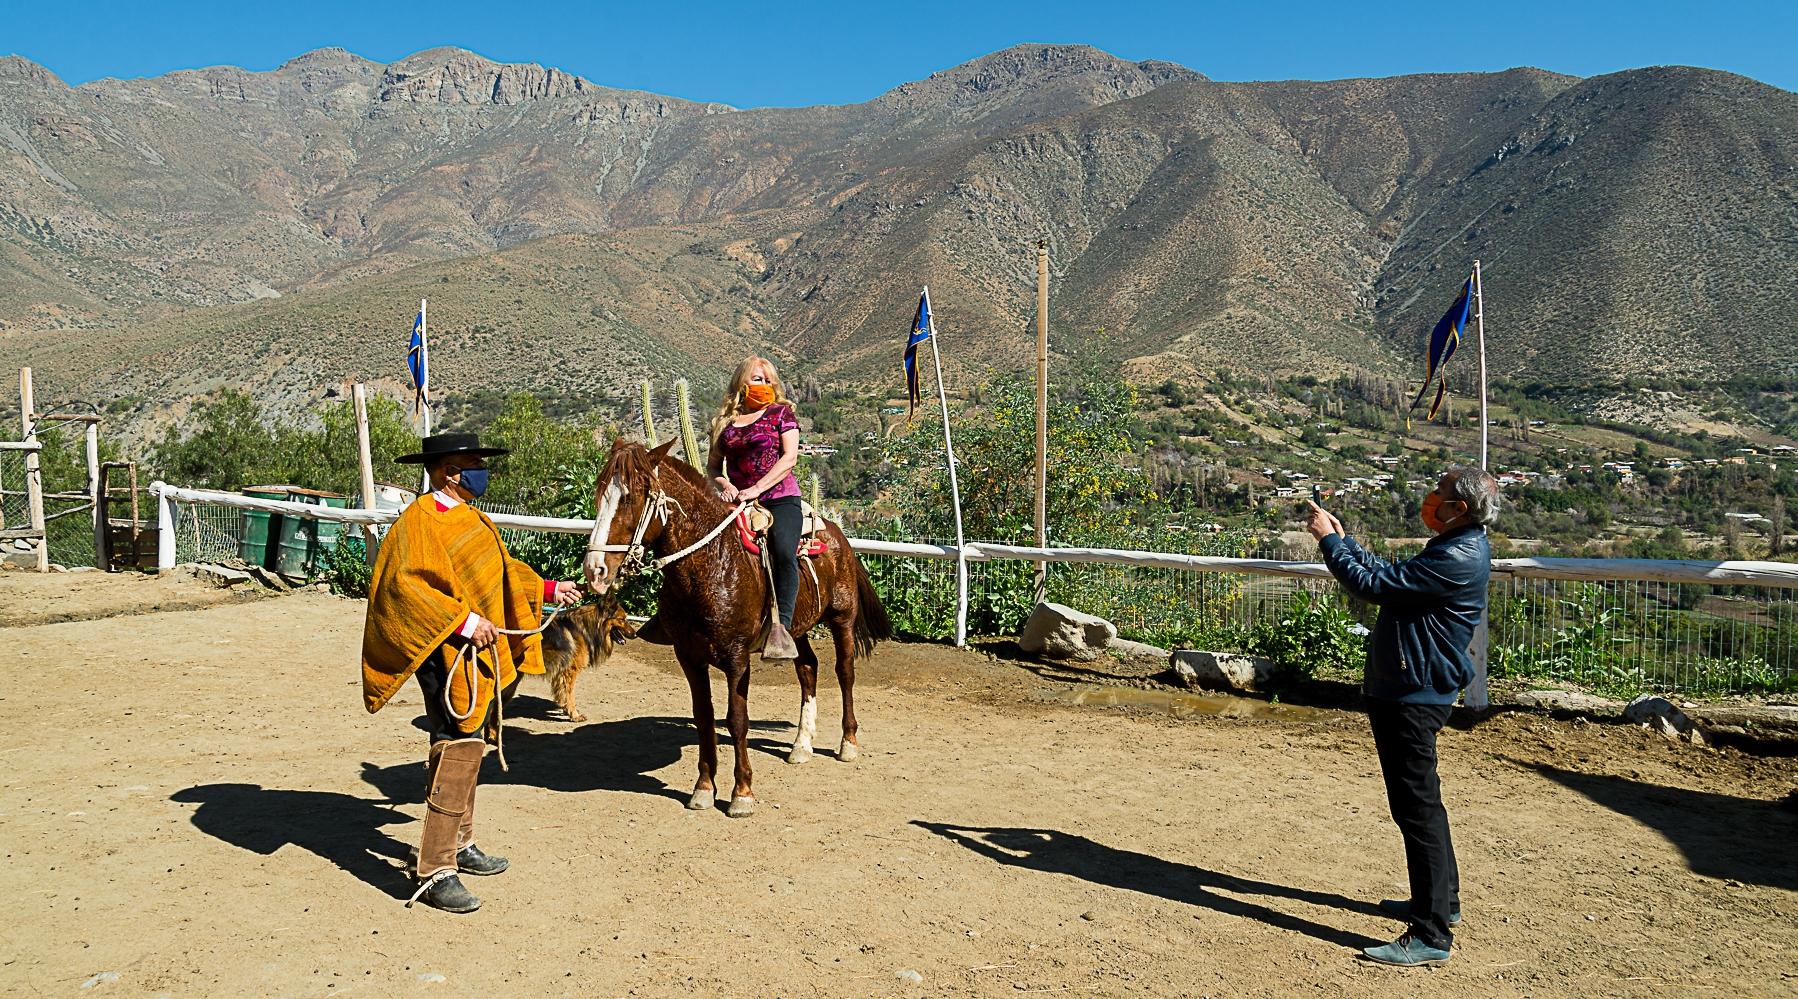 Imagen de turistas en la amansa de caballos Cuna del Sol